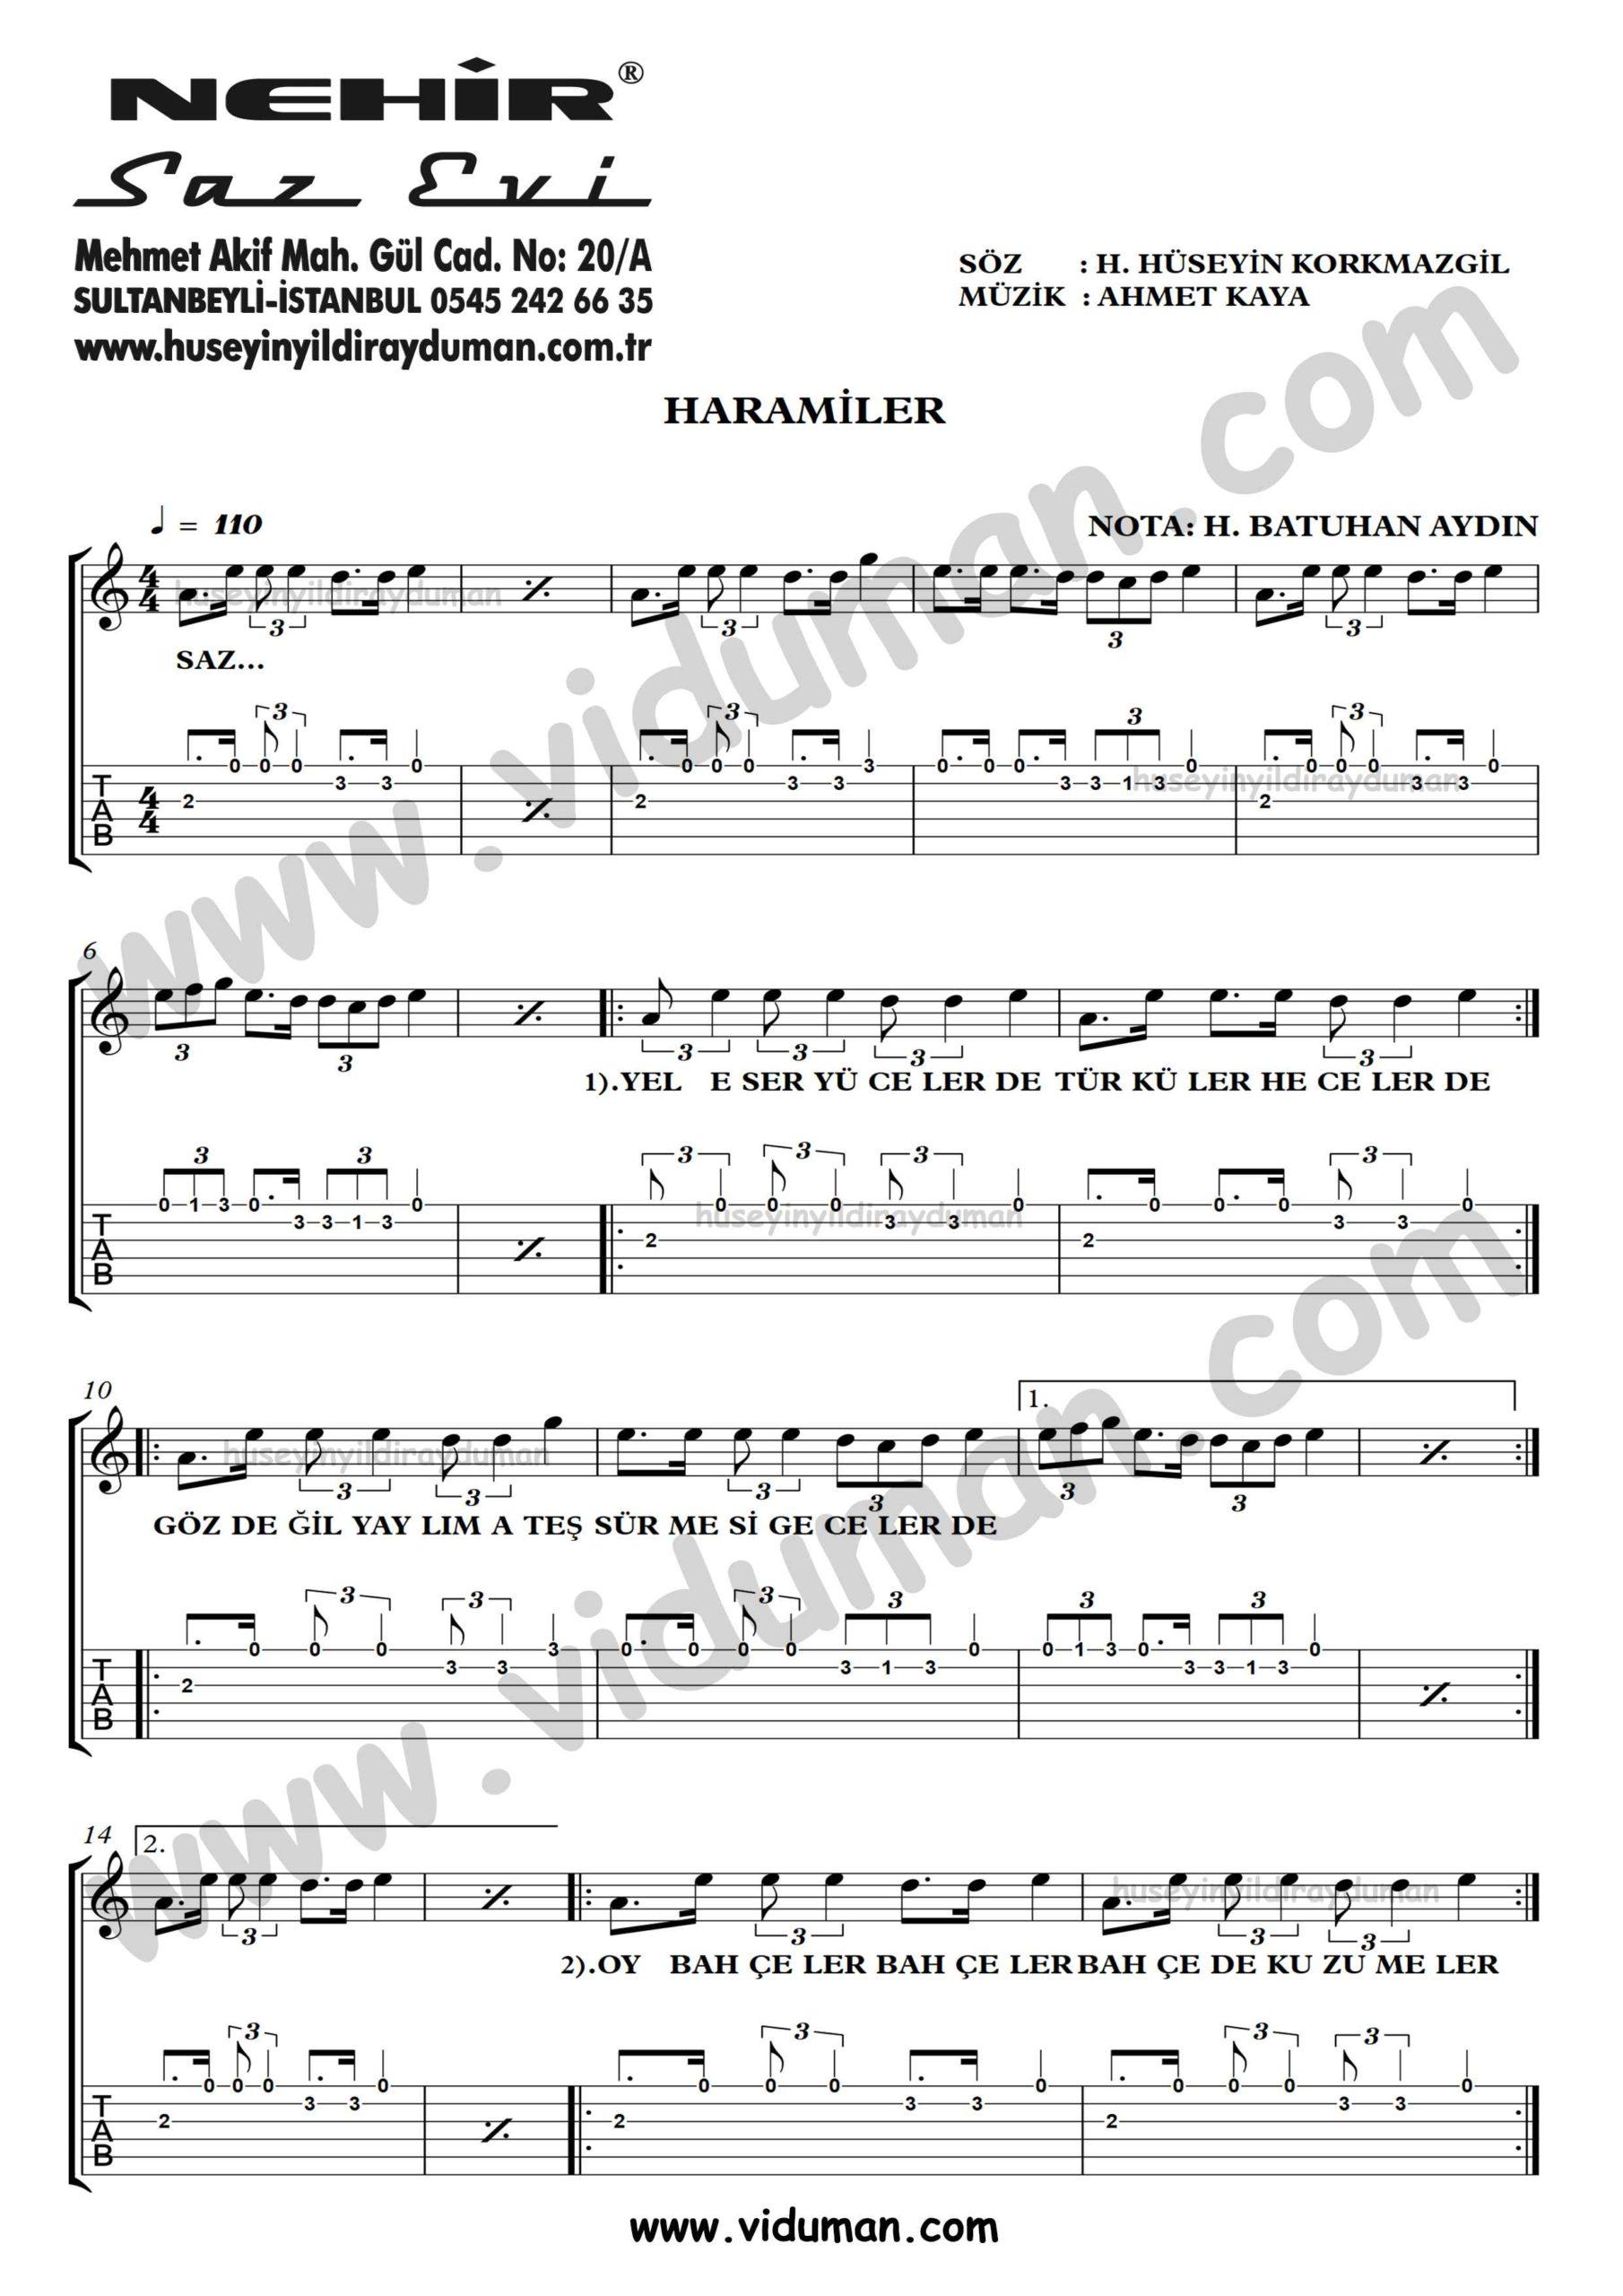 Haramiler_1-Ahmet Kaya-Gitar Tab-Solo Notalari